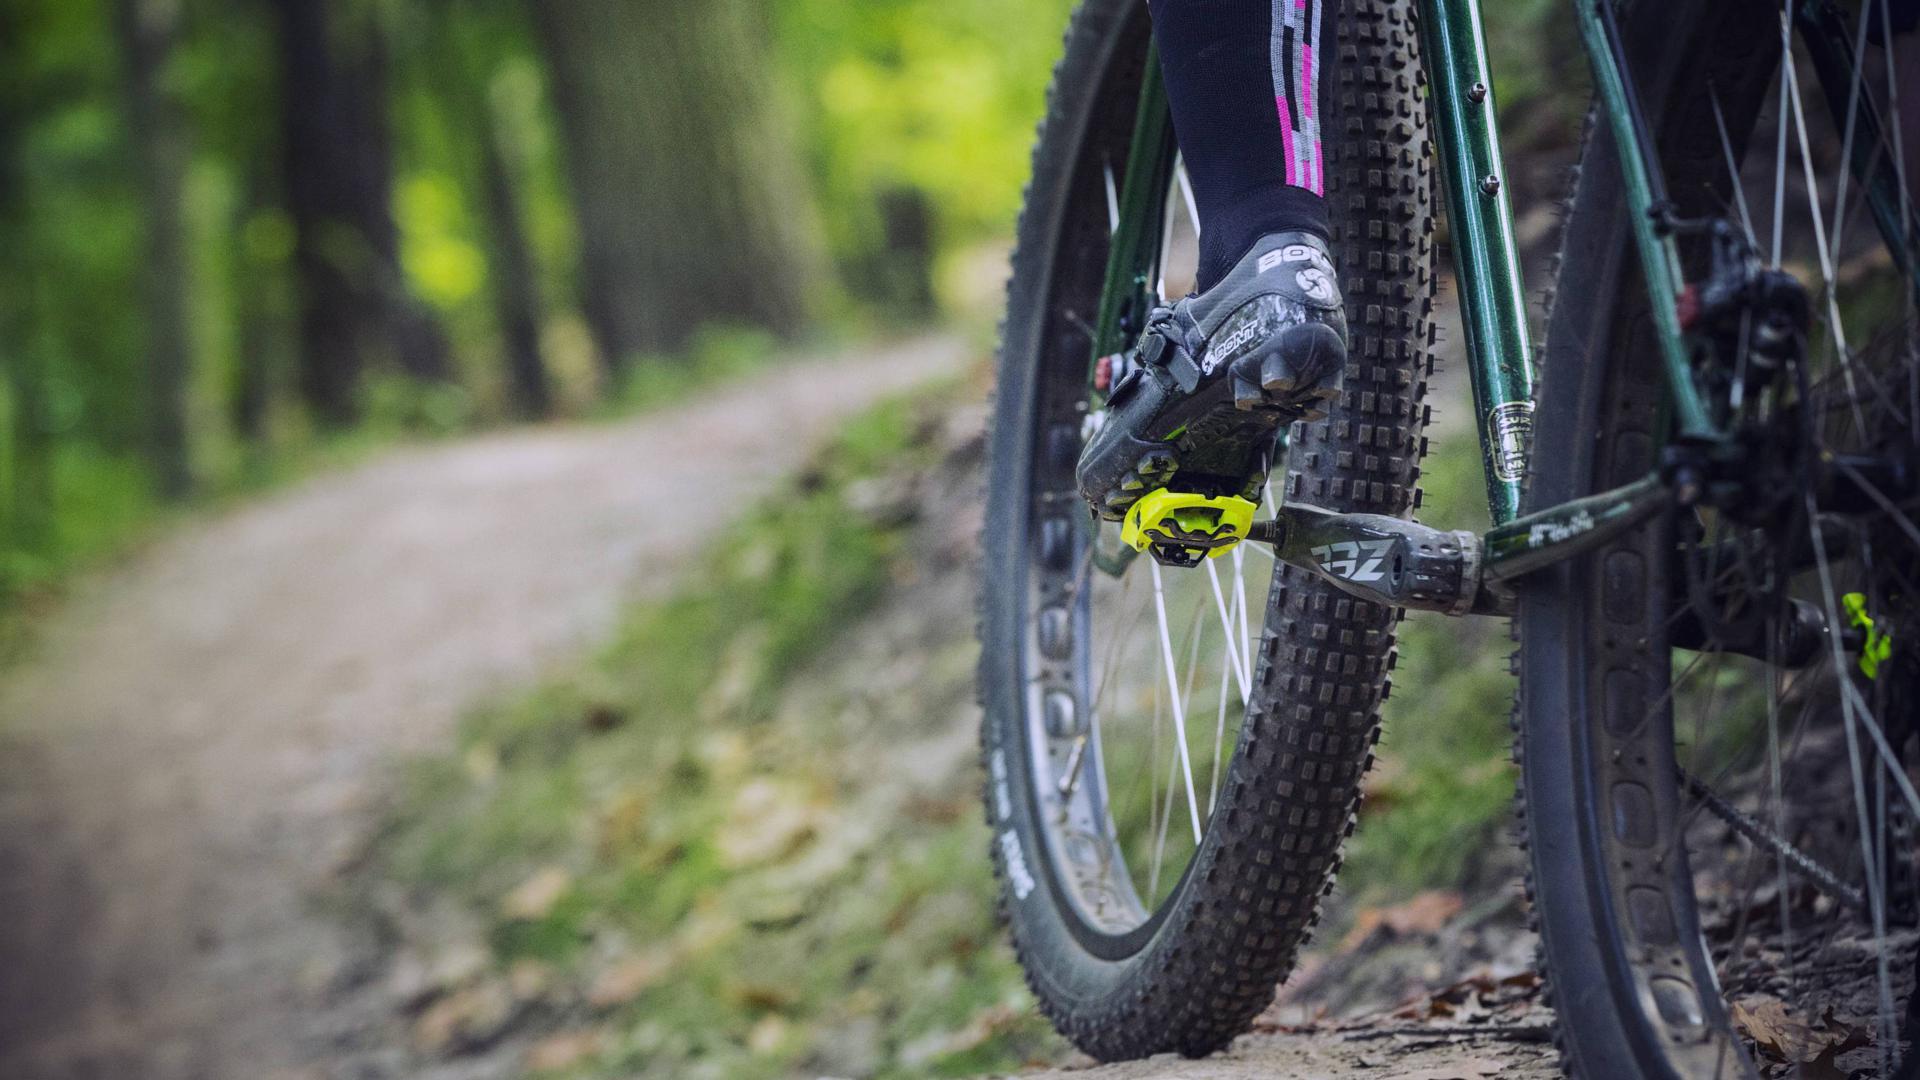 Asschnitt: Vorderrad eines Fahrrads auf einem Waldweg